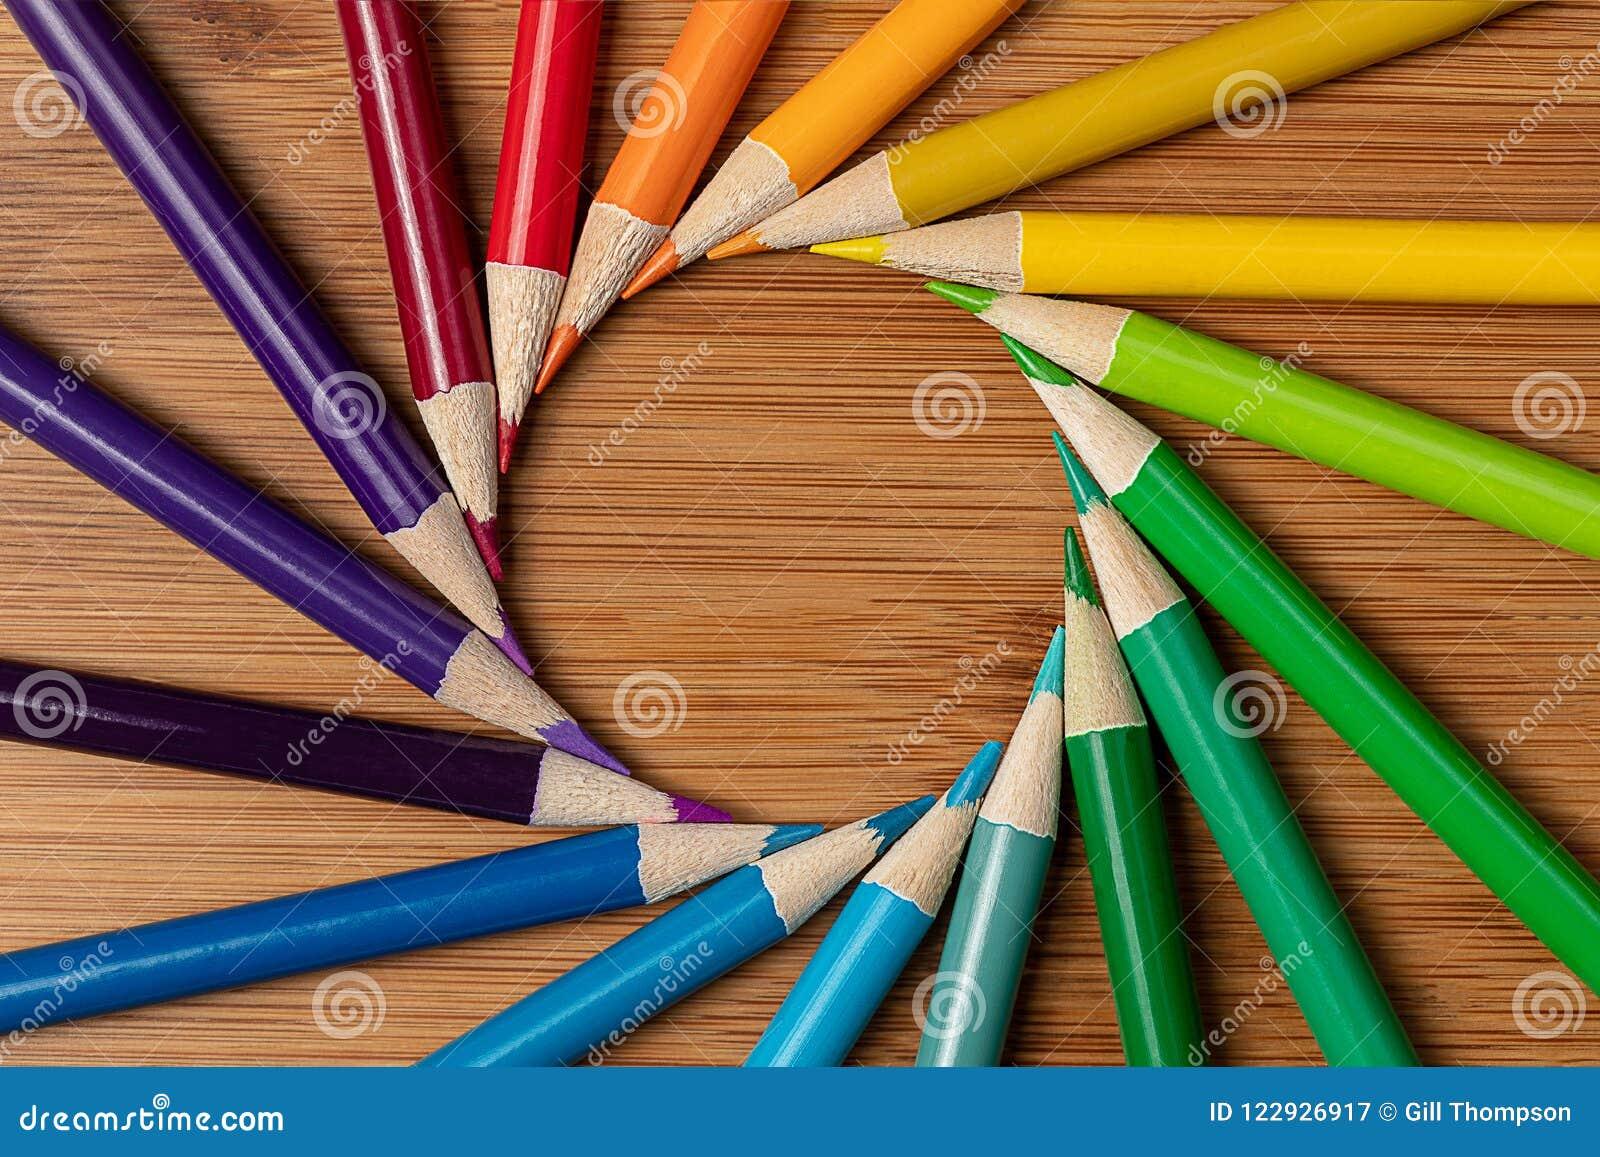 Ένας μακρο πυροβολισμός των ακονισμένων χρωματισμένων μολυβιών σε ένα σπειροειδές ελαφρύ κτύπημα δίνης